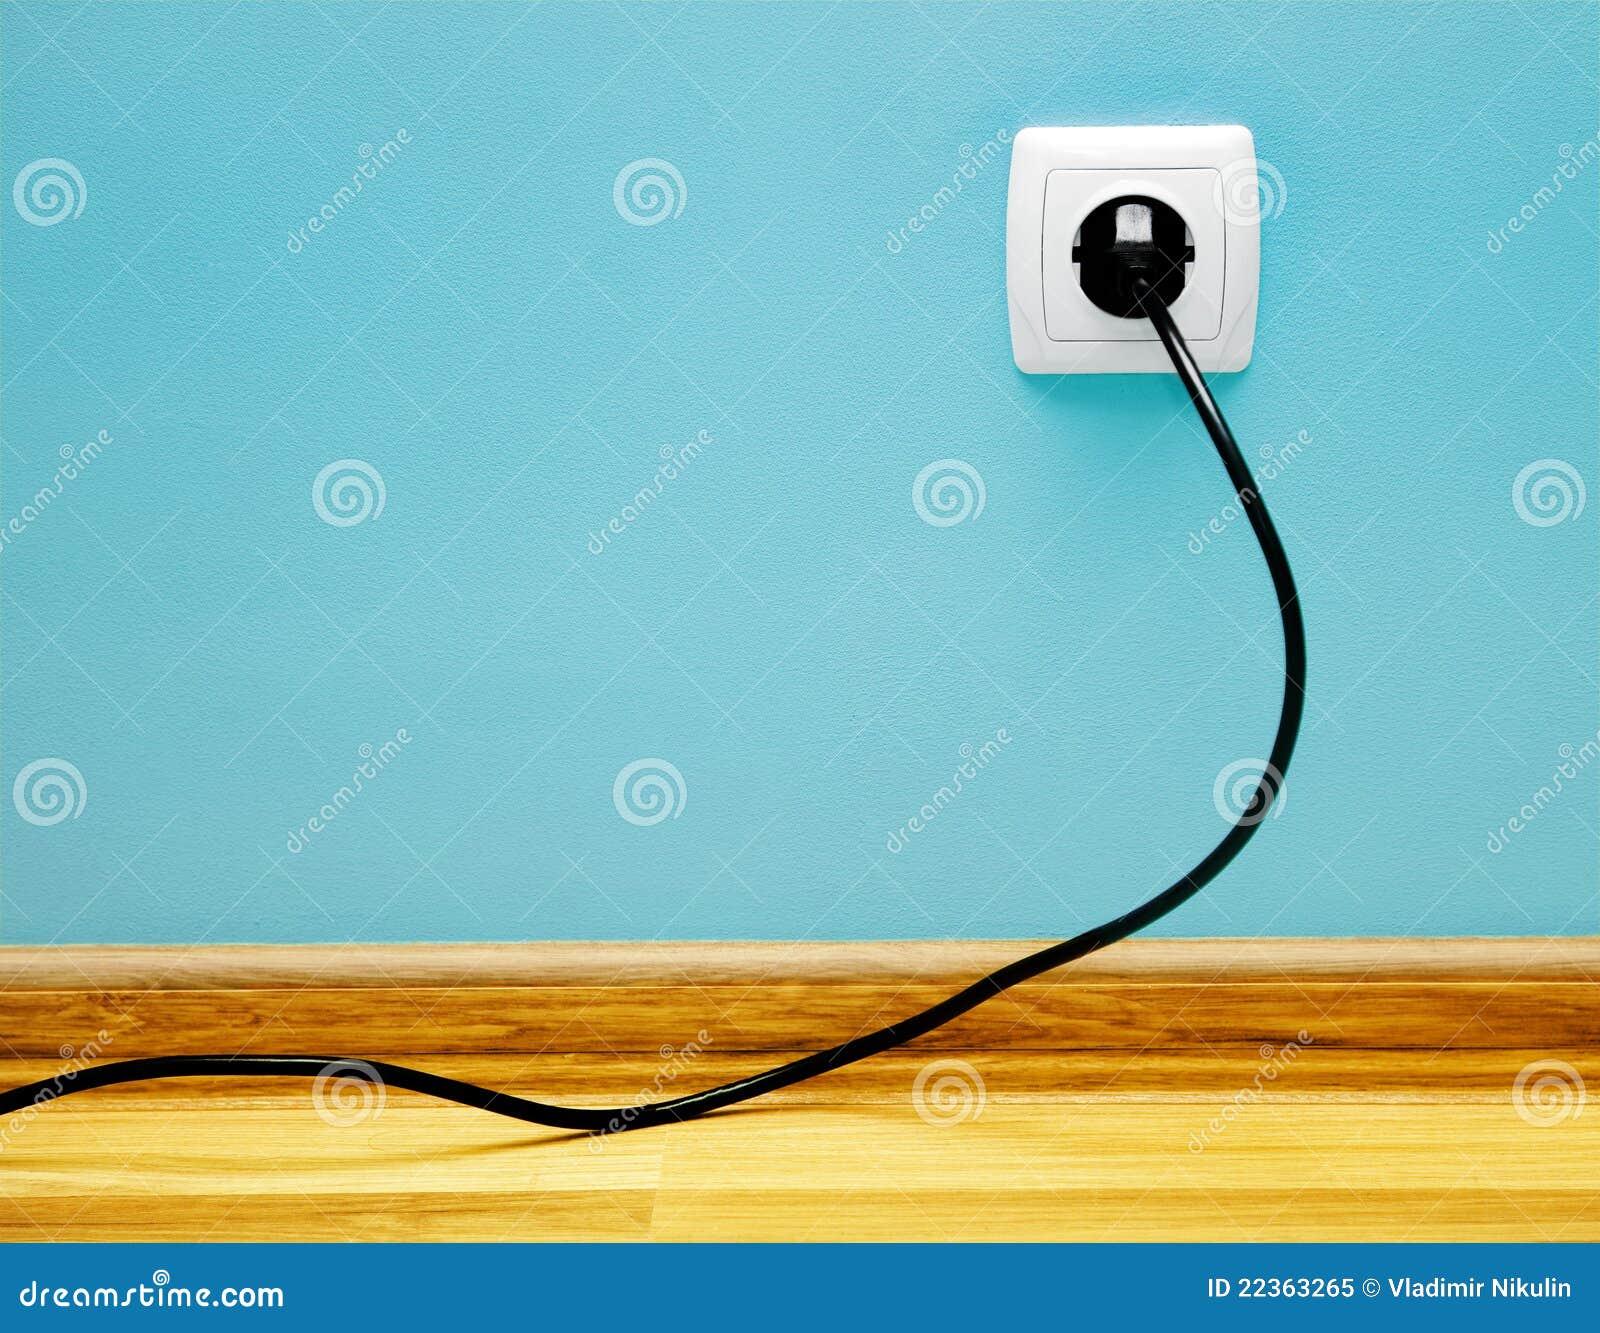 elektrischer seilzug in die einfa ung lizenzfreies. Black Bedroom Furniture Sets. Home Design Ideas